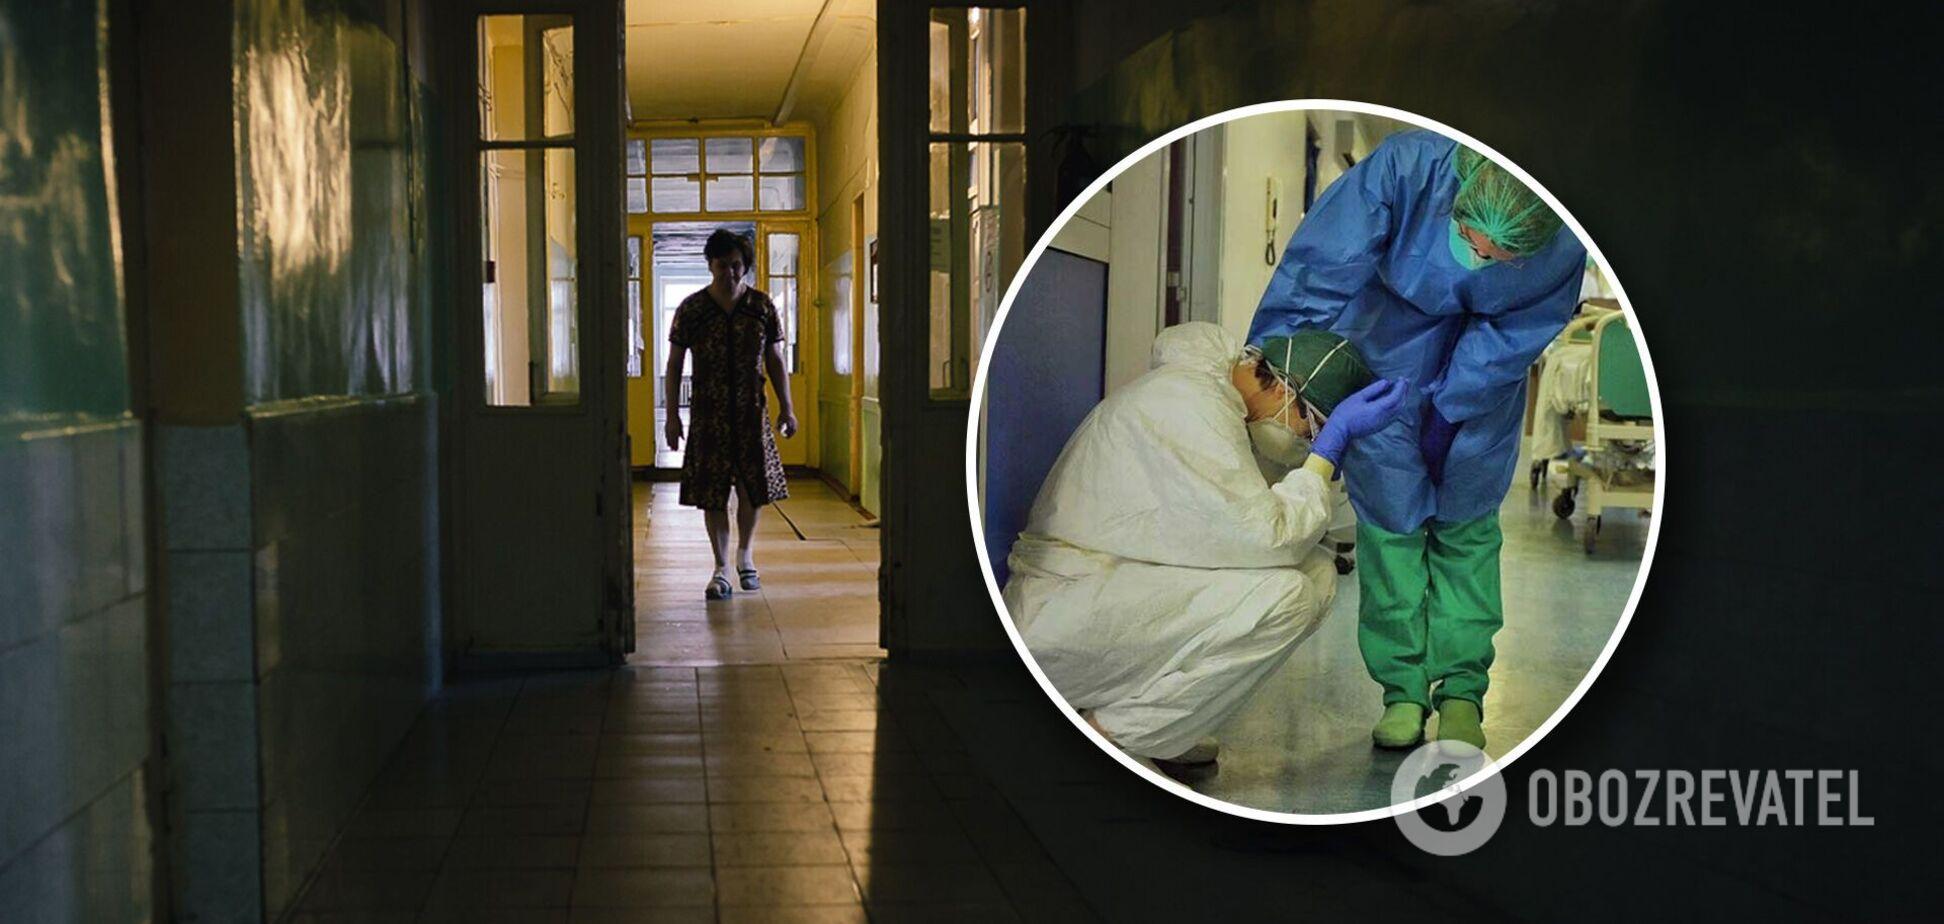 На Львівщині через вимкнення світла померли COVID-пацієнти, які могли вижити: подробиці трагедії